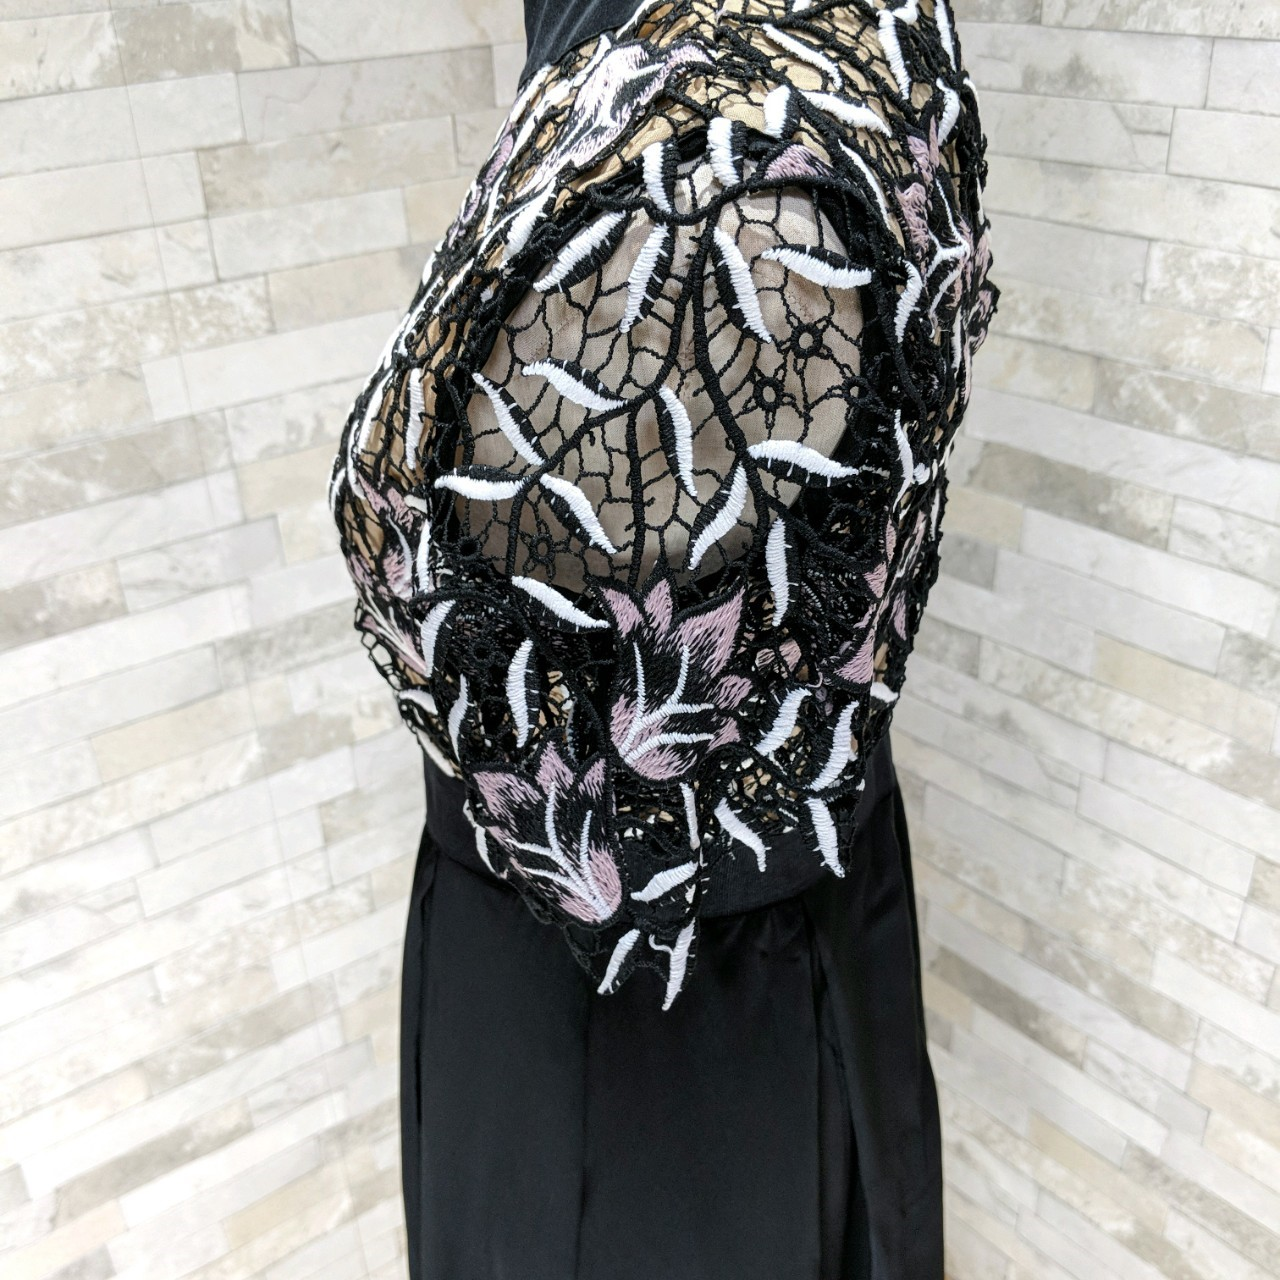 【即納】韓国 ファッション ワンピース パーティードレス ロング マキシ 夏 春 秋 パーティー ブライダル SPTX5151 結婚式 お呼ばれ ドッキング 花柄レース ロン 二次会 セレブ きれいめの写真18枚目